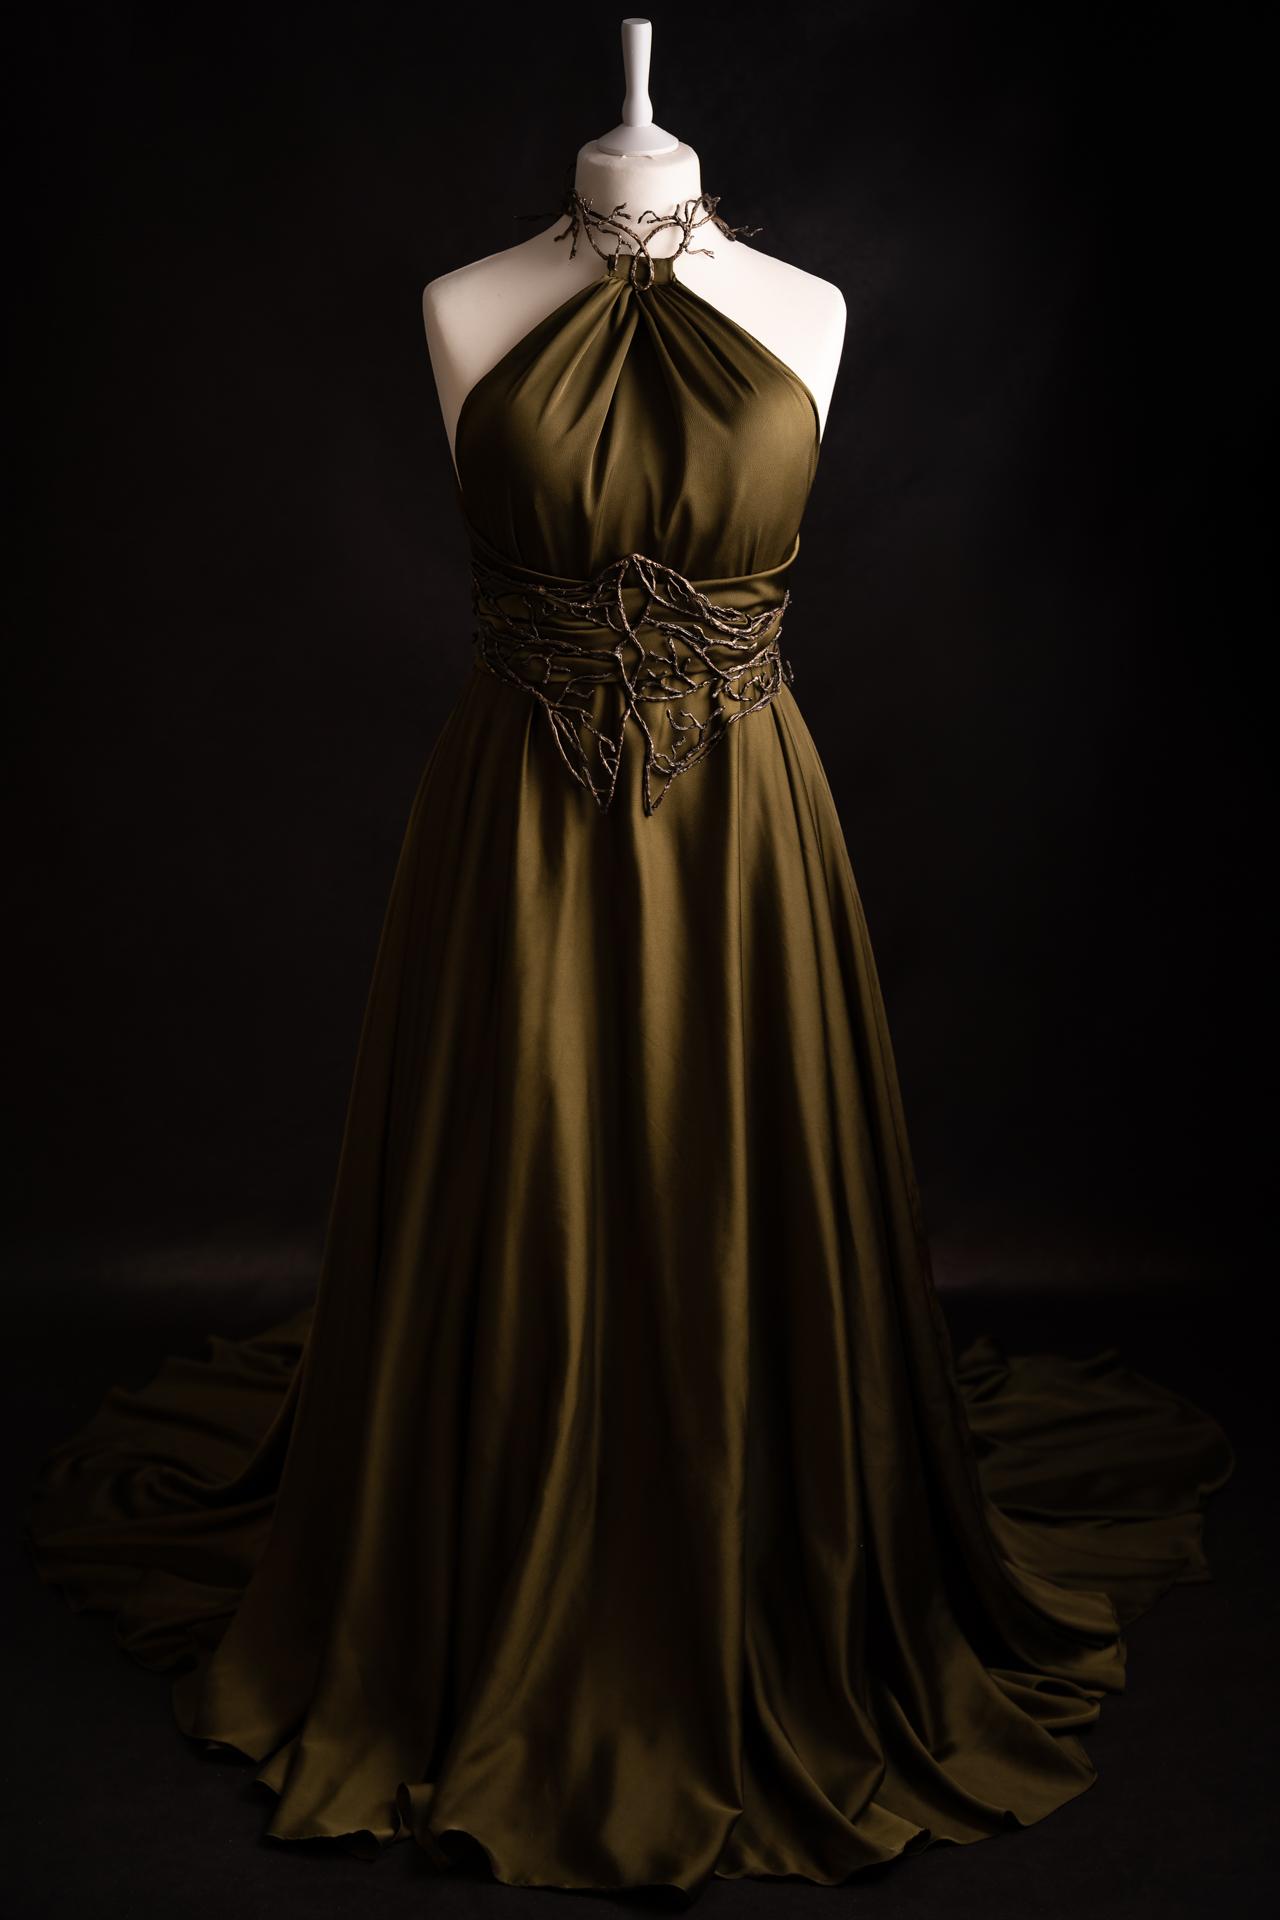 Longue robe sylvestre verte et serre-taille de branches